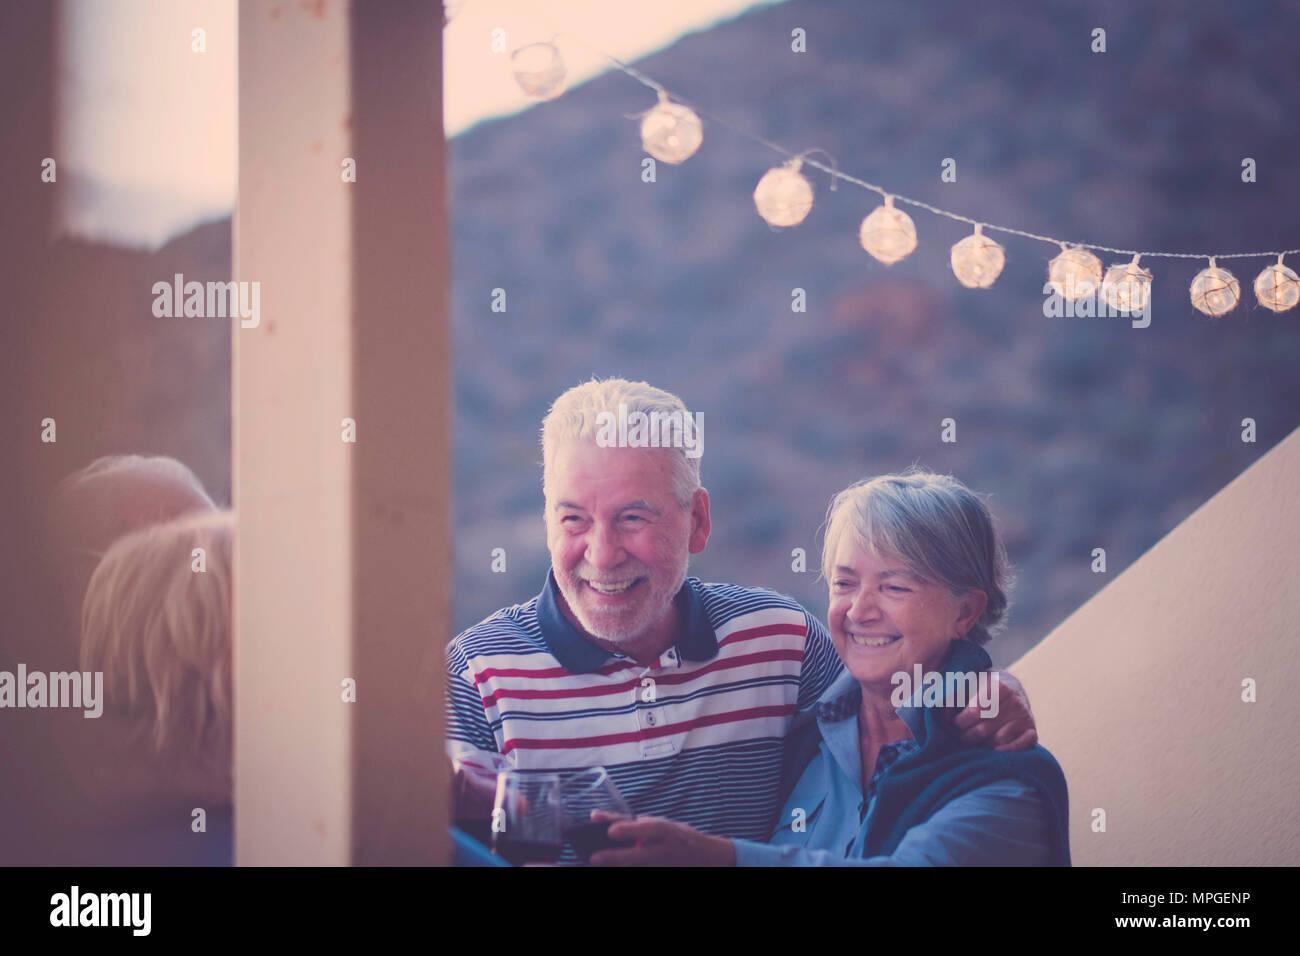 Terrazza esterna con luce dorata e quattro adulti uomini anziani e la donna per stare insieme con gioia e felicità di bere vino insieme Foto Stock